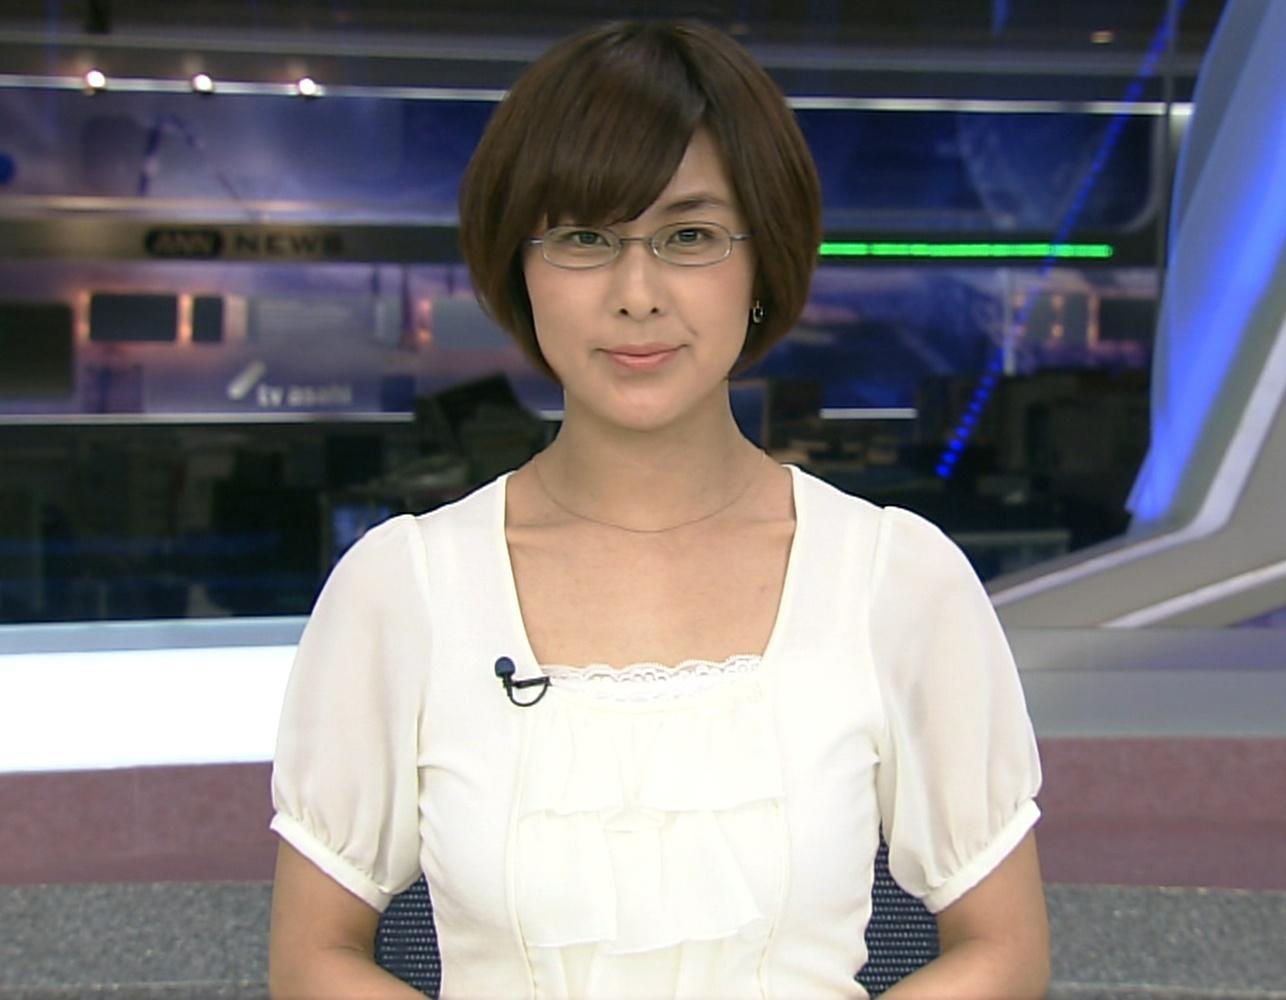 萩野志保子 セクシーメガネアナウンサーキャプ画像(エロ・アイコラ画像)